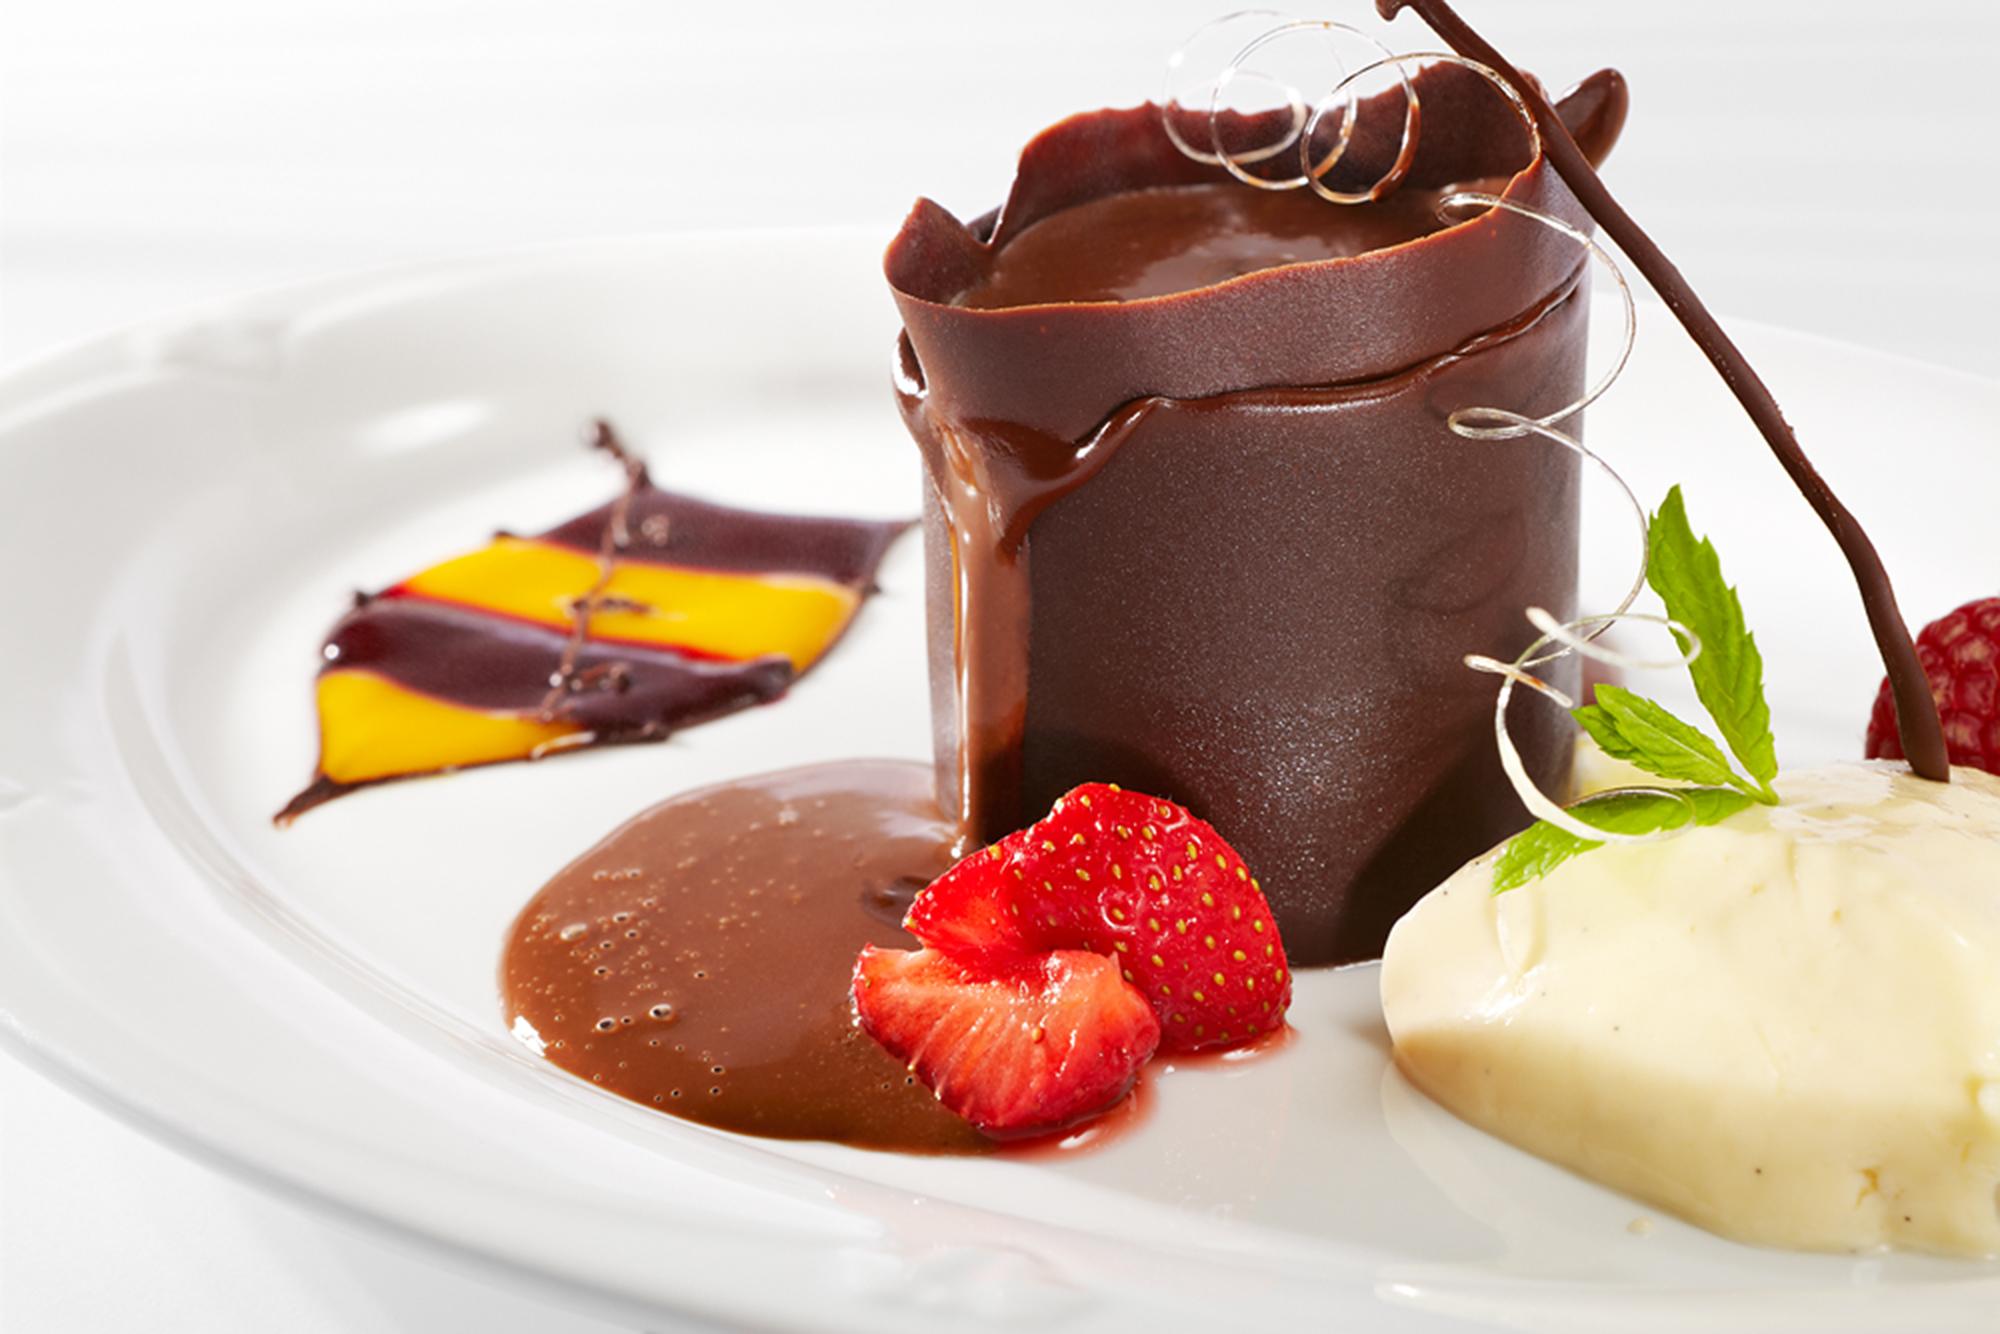 Vanillecrème mit Mangosorbet und Schokolade